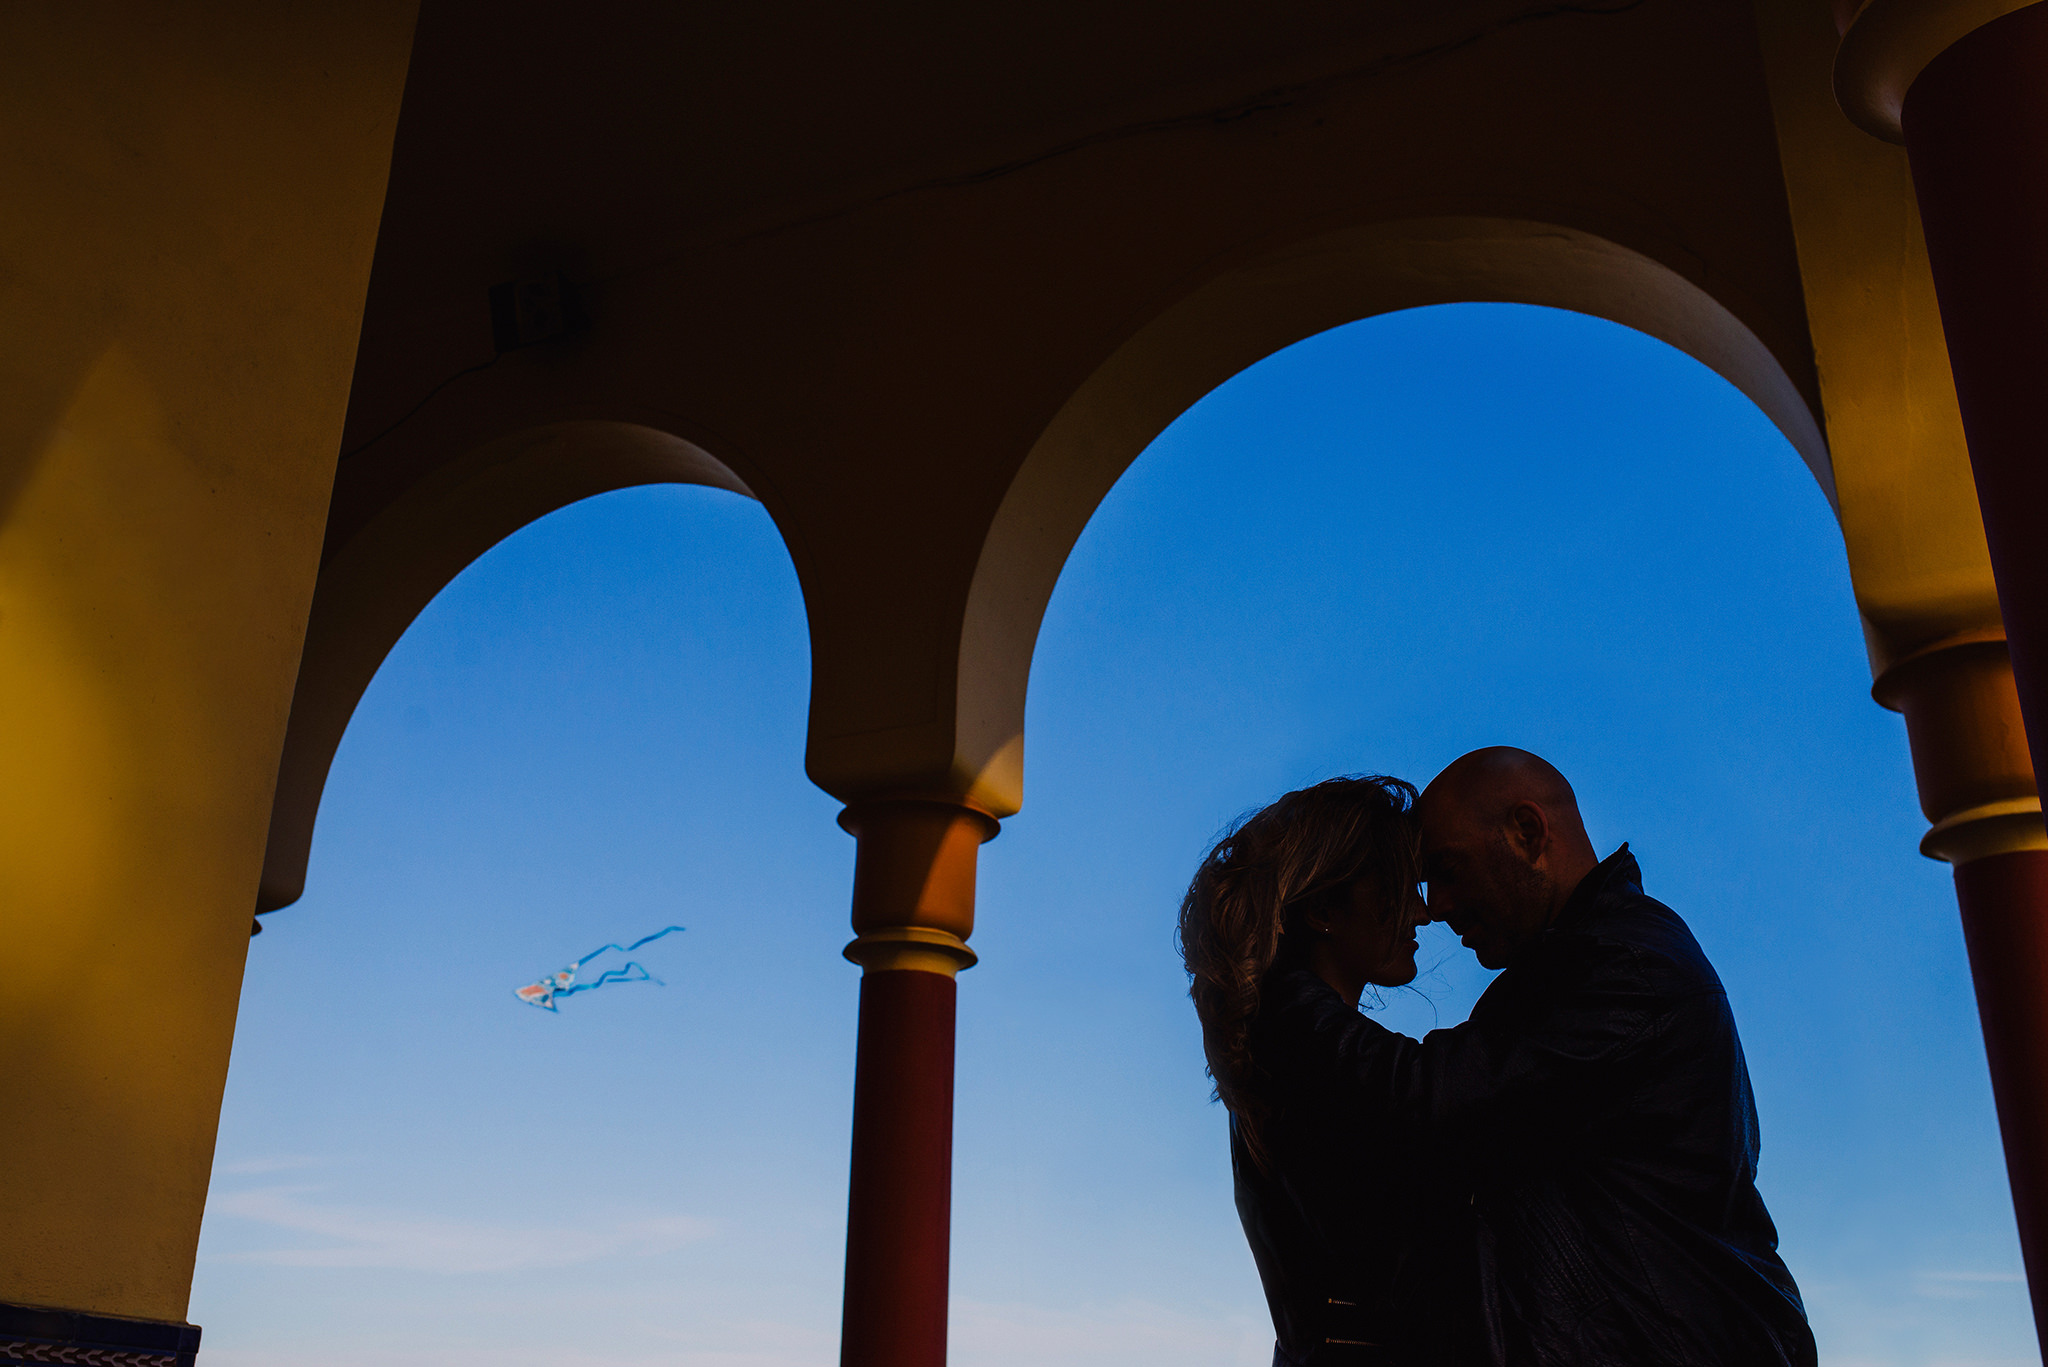 fotografos-casamiento-uruguay-2